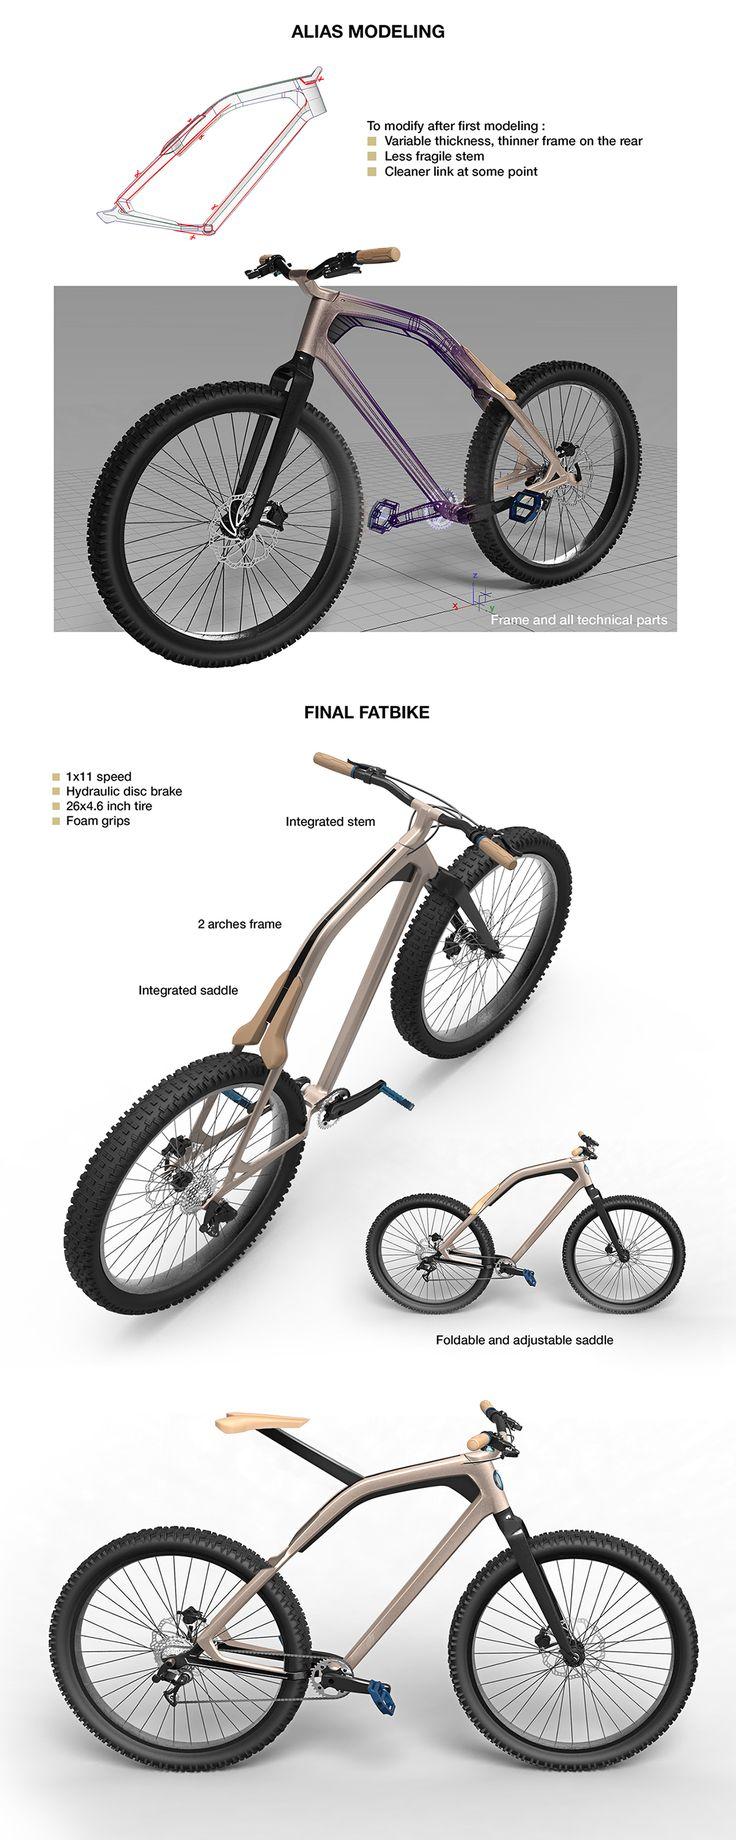 Fatbike para la marca de automóviles Volvo. Ser seguro, Ser libre: la moto está funcionando en todas partes. Hay una silla plegable para mover fácilmente la bicicleta en un concepto rack.This bicicleta es parte de 2027 - Volvo Next Gen Proyecto